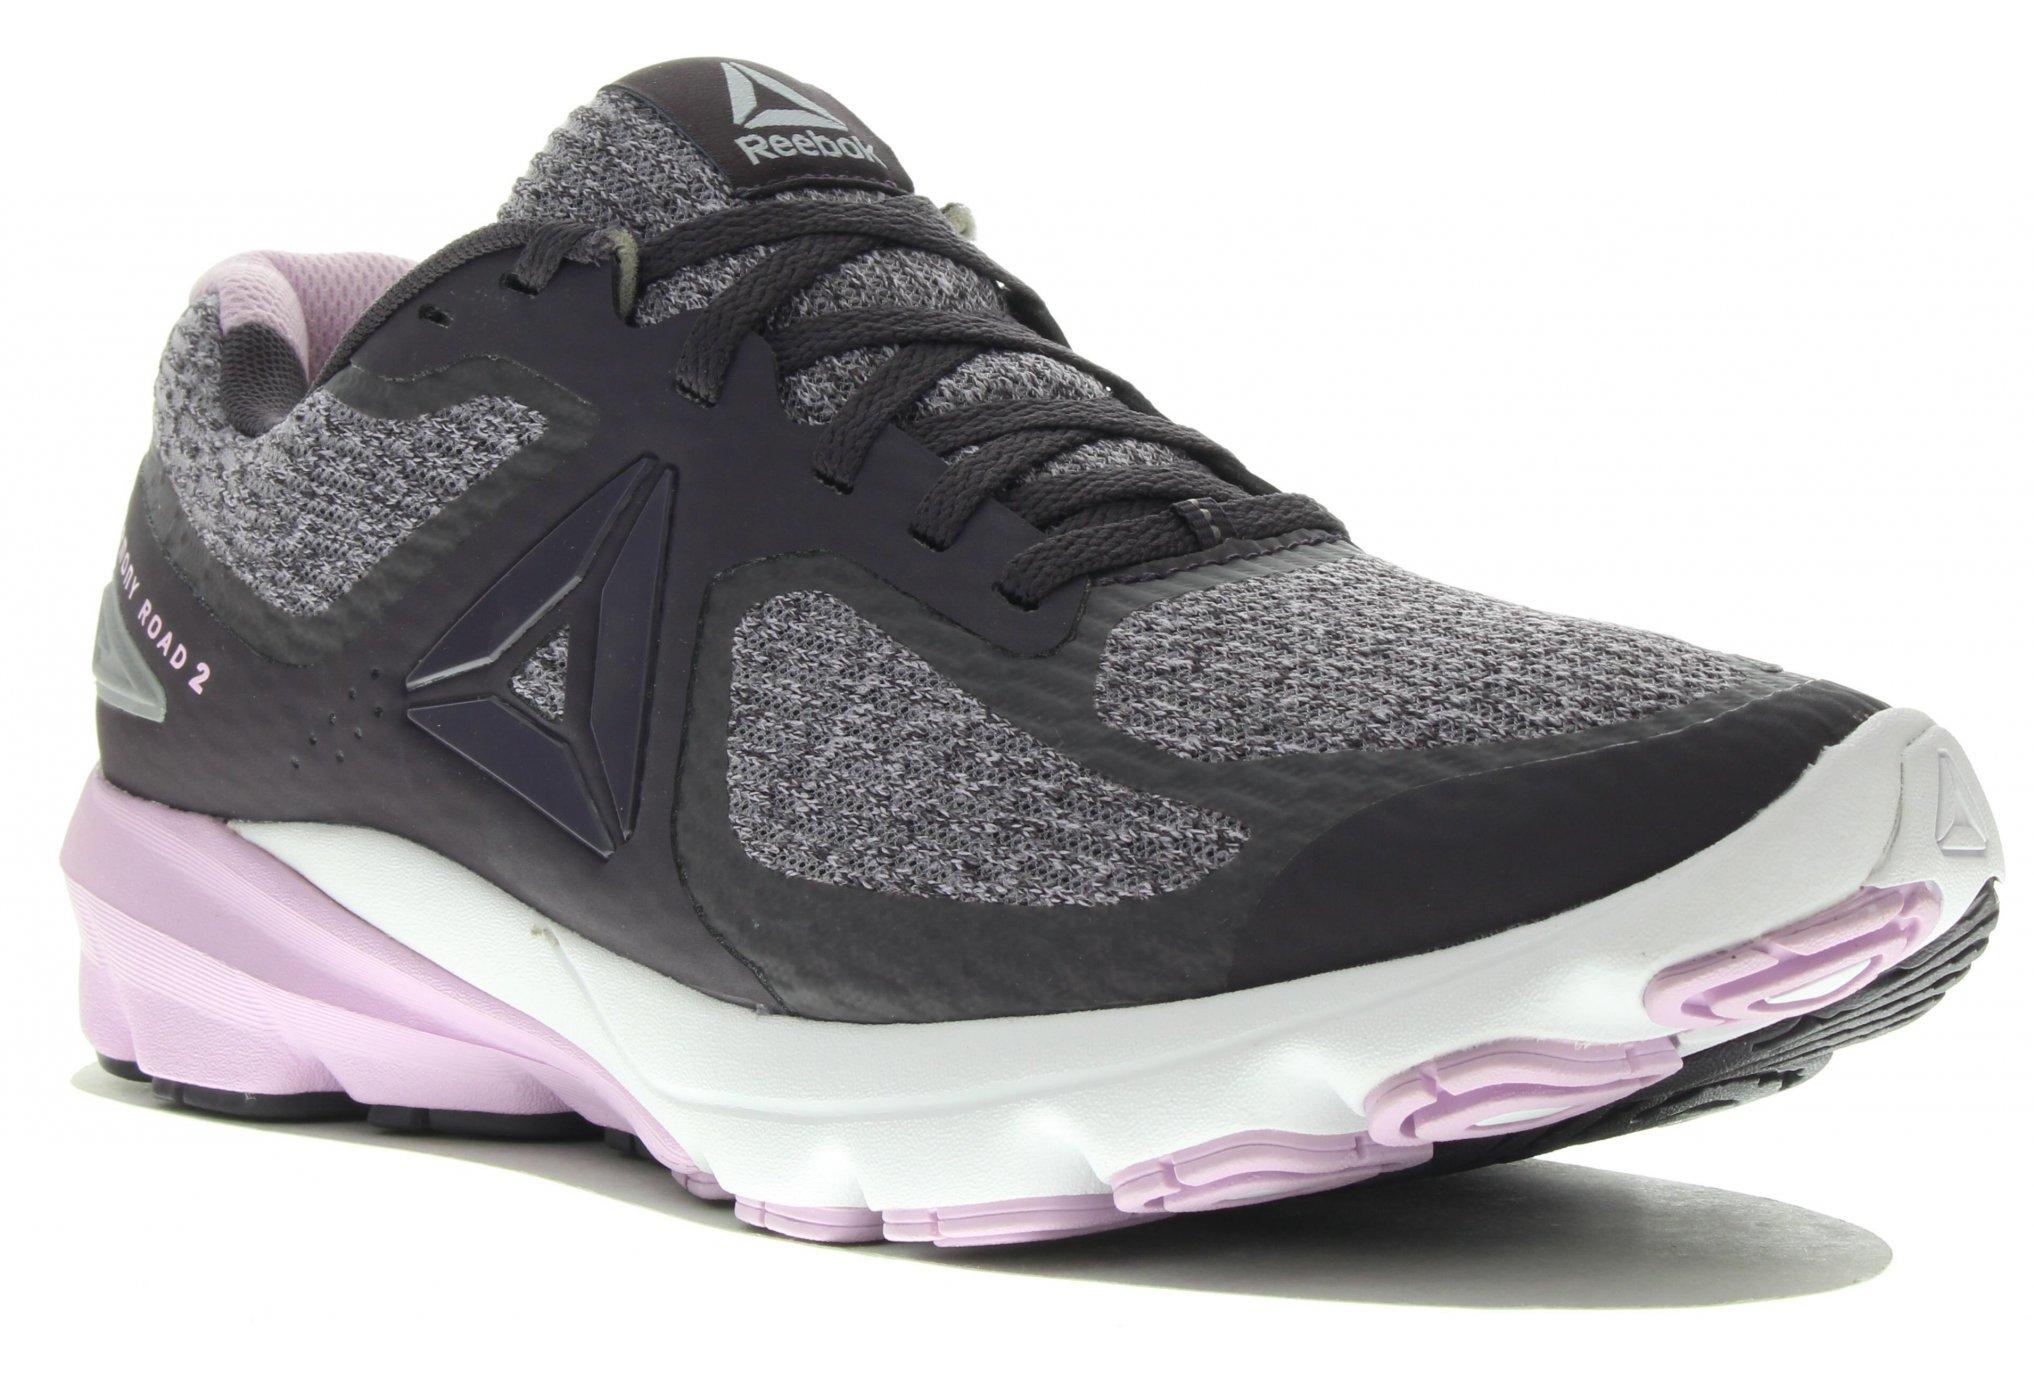 dcb21664e23 Outlet de zapatillas de running Newton